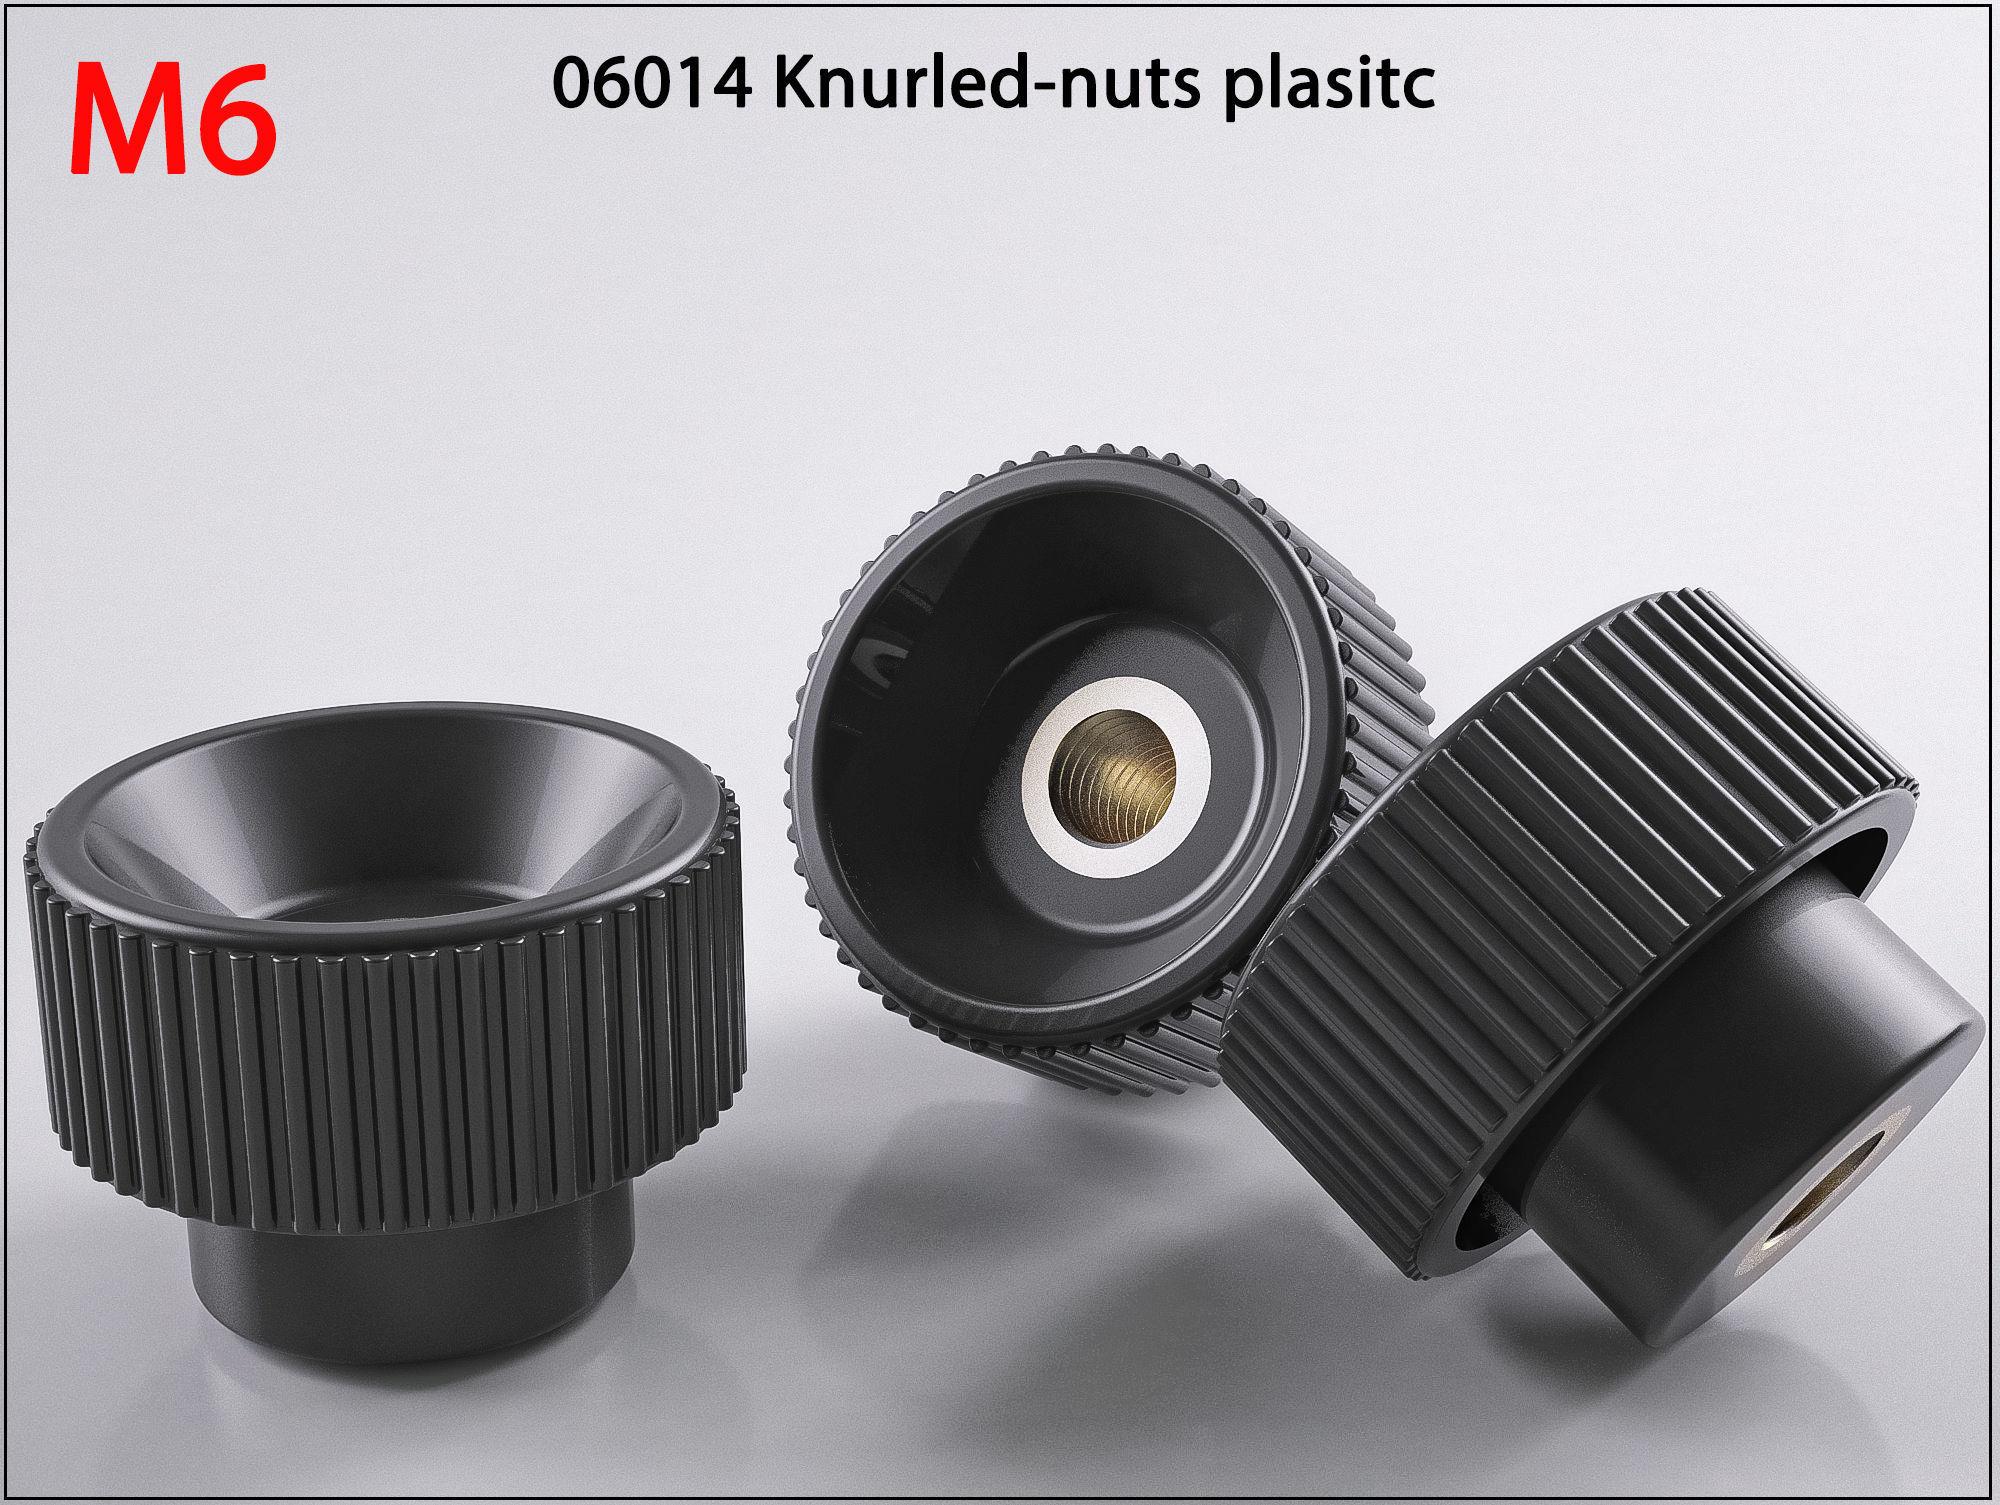 3D nuts M6 06014-11250624 Raendelschrauben Knurled print model